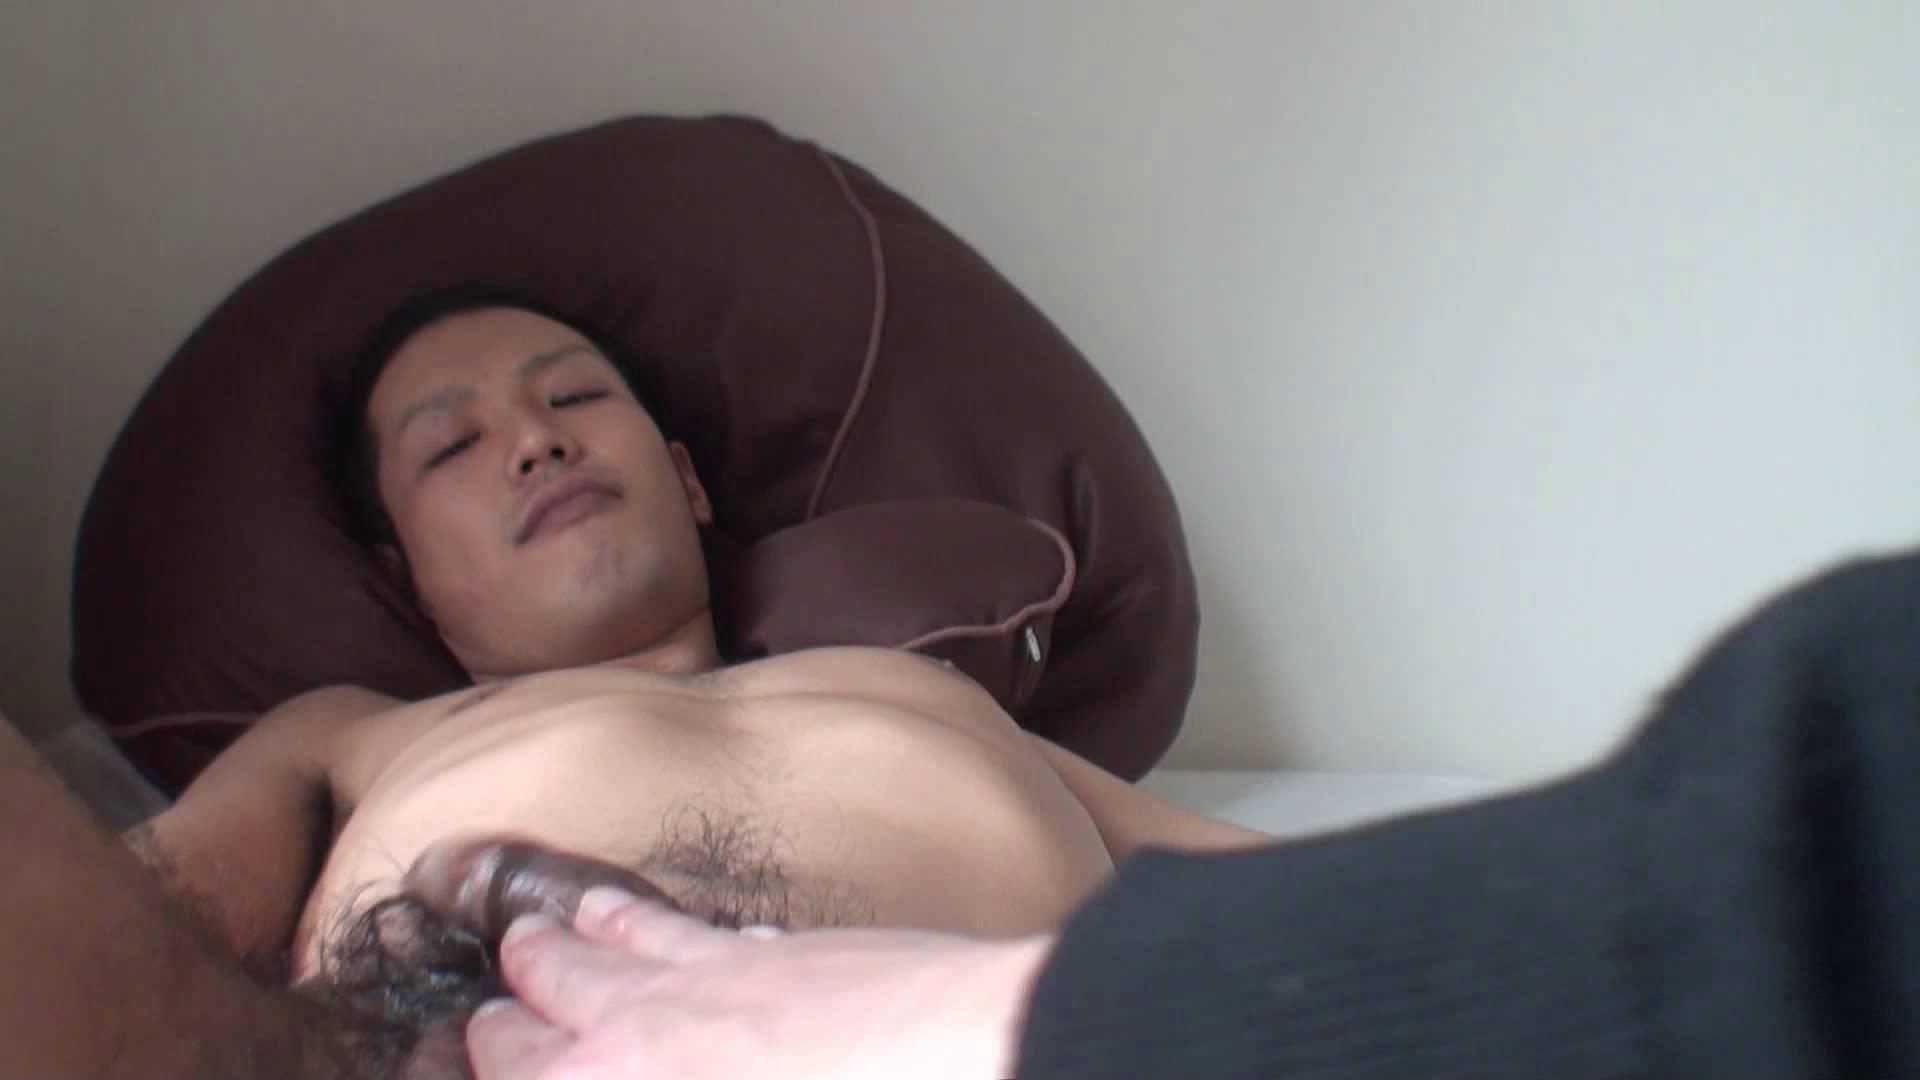 HD 良太と健二当たり前の日常 セックス編 私服 ゲイ精子画像 52連発 4